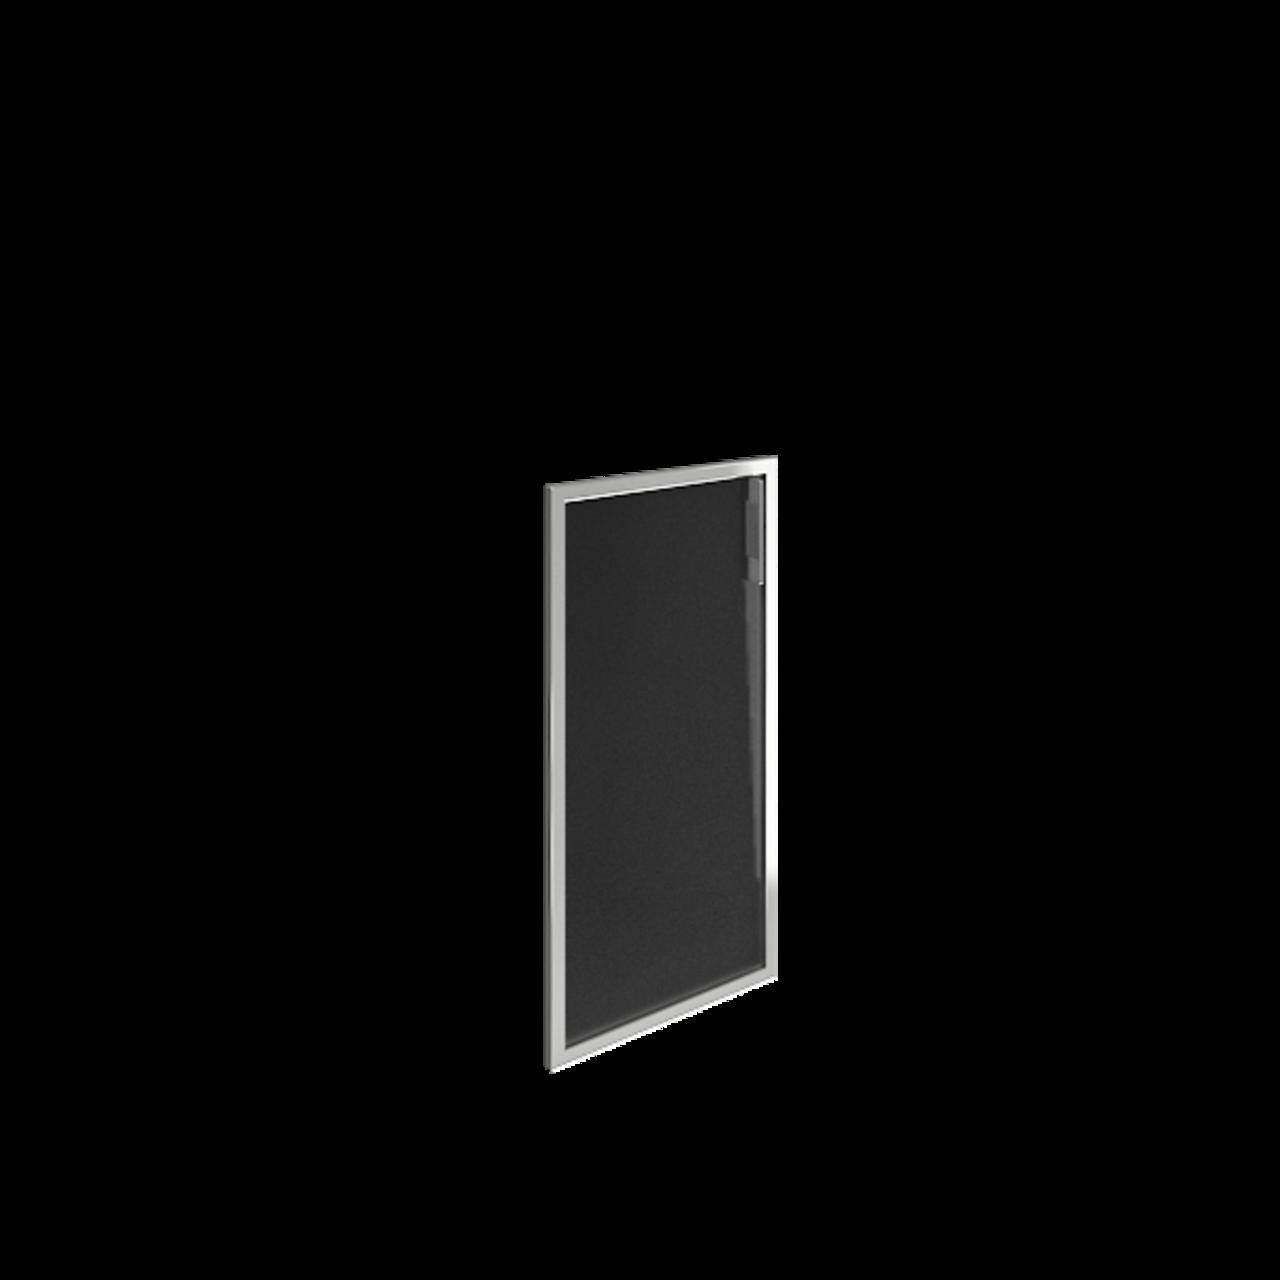 Дверь стекло в раме низкое Lacobel black левая - фото 1